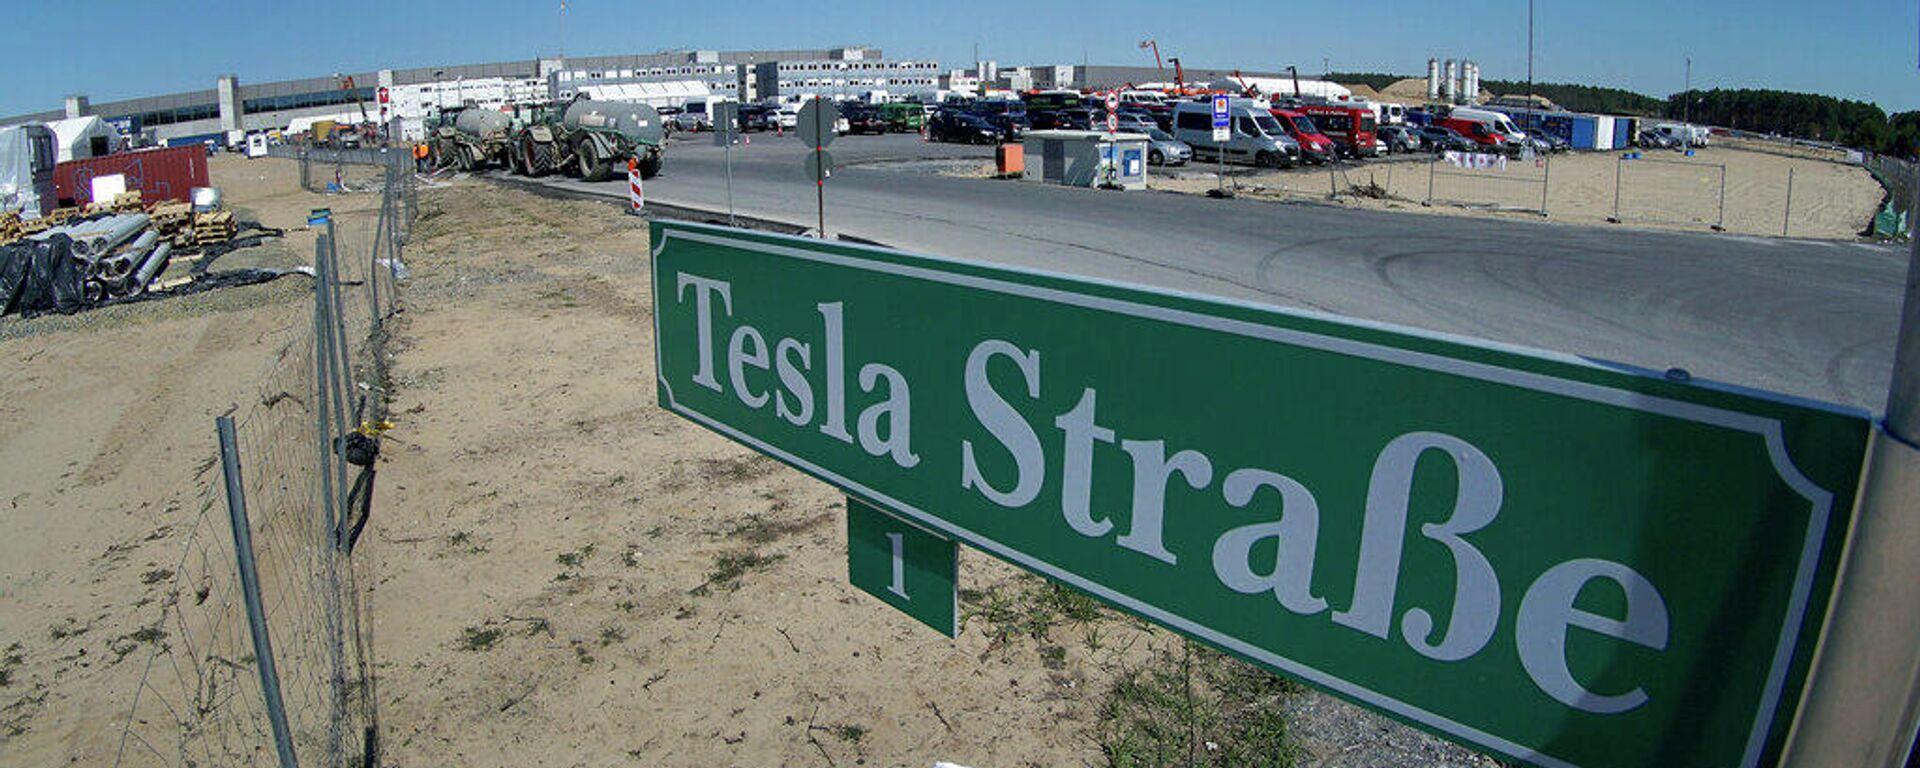 Eingang zur Baustelle einer Tesla-Fabrik in Grünheide - SNA, 1920, 05.09.2021